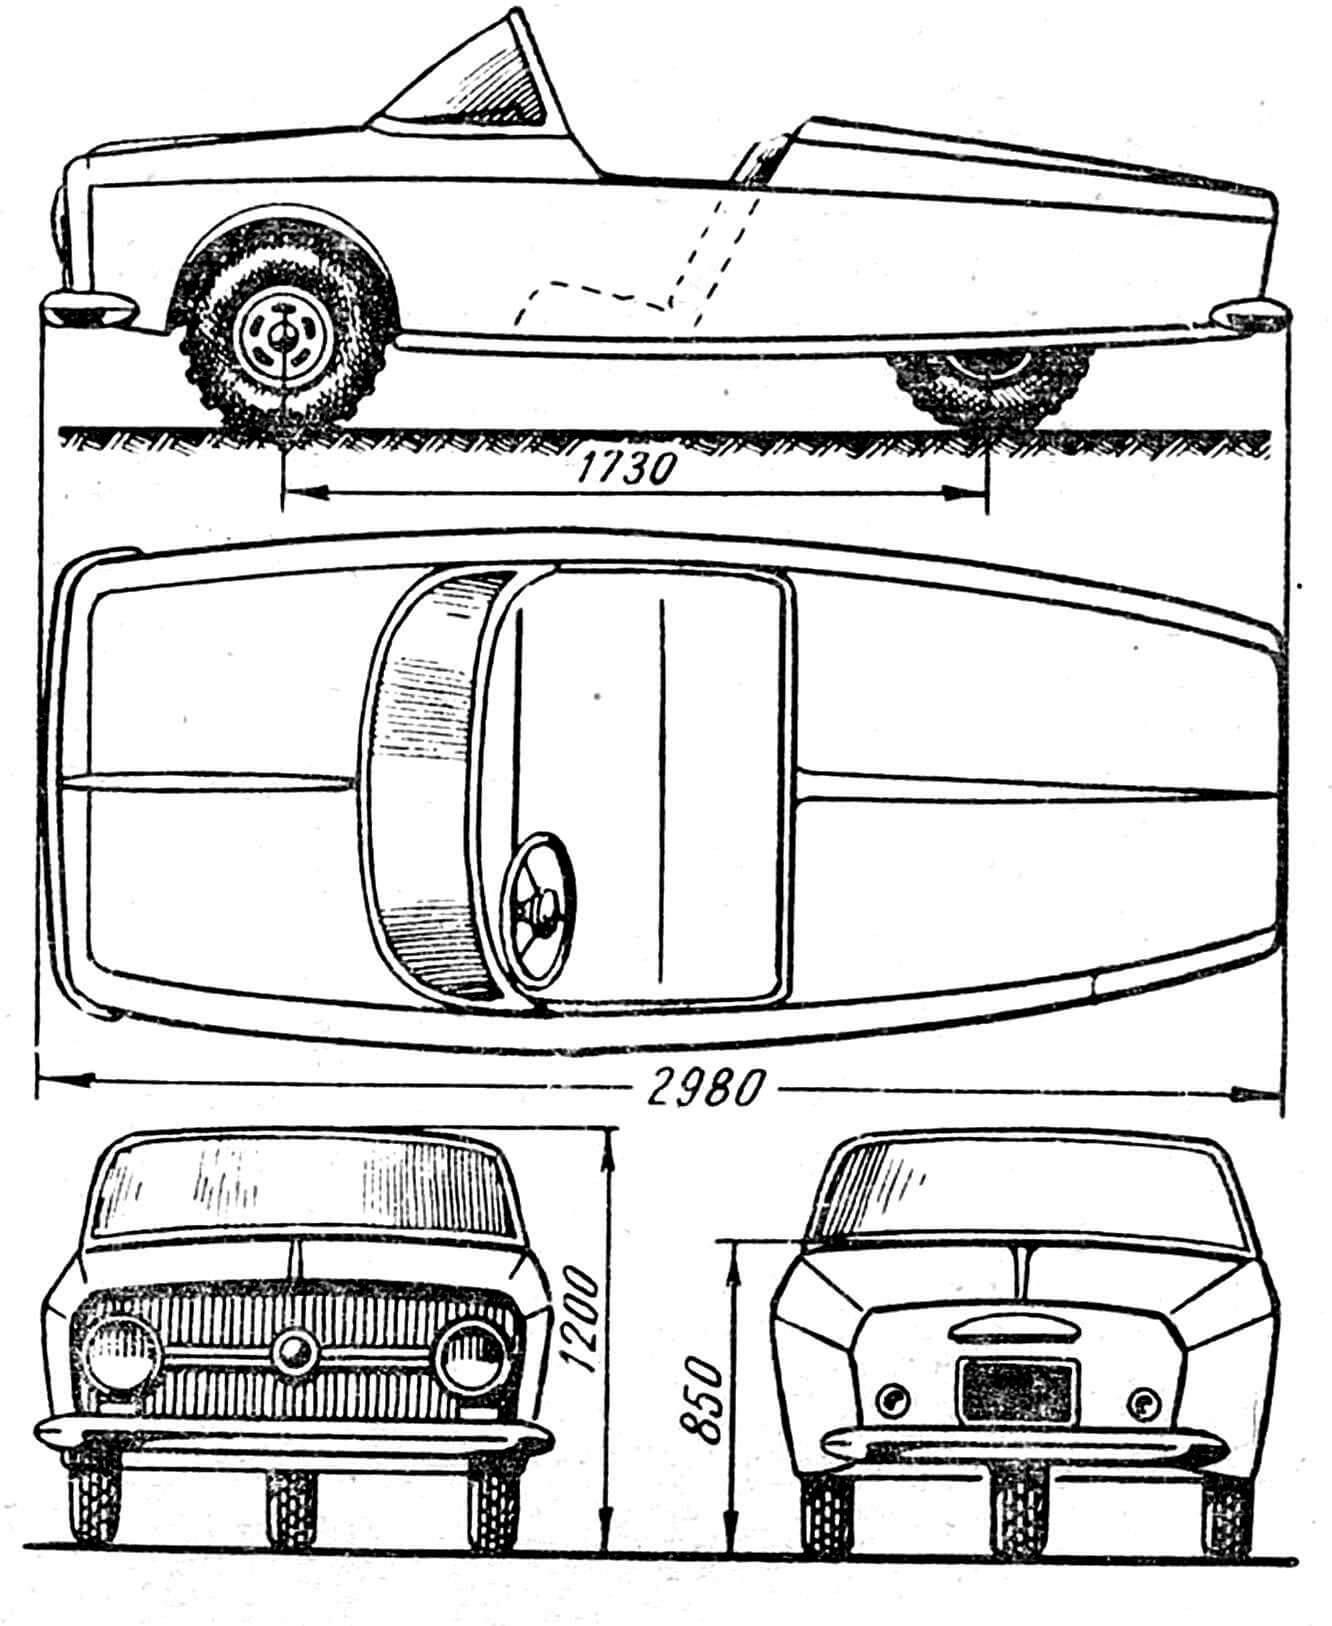 Рис. 1. Схема в трех проекциях и основные размеры.